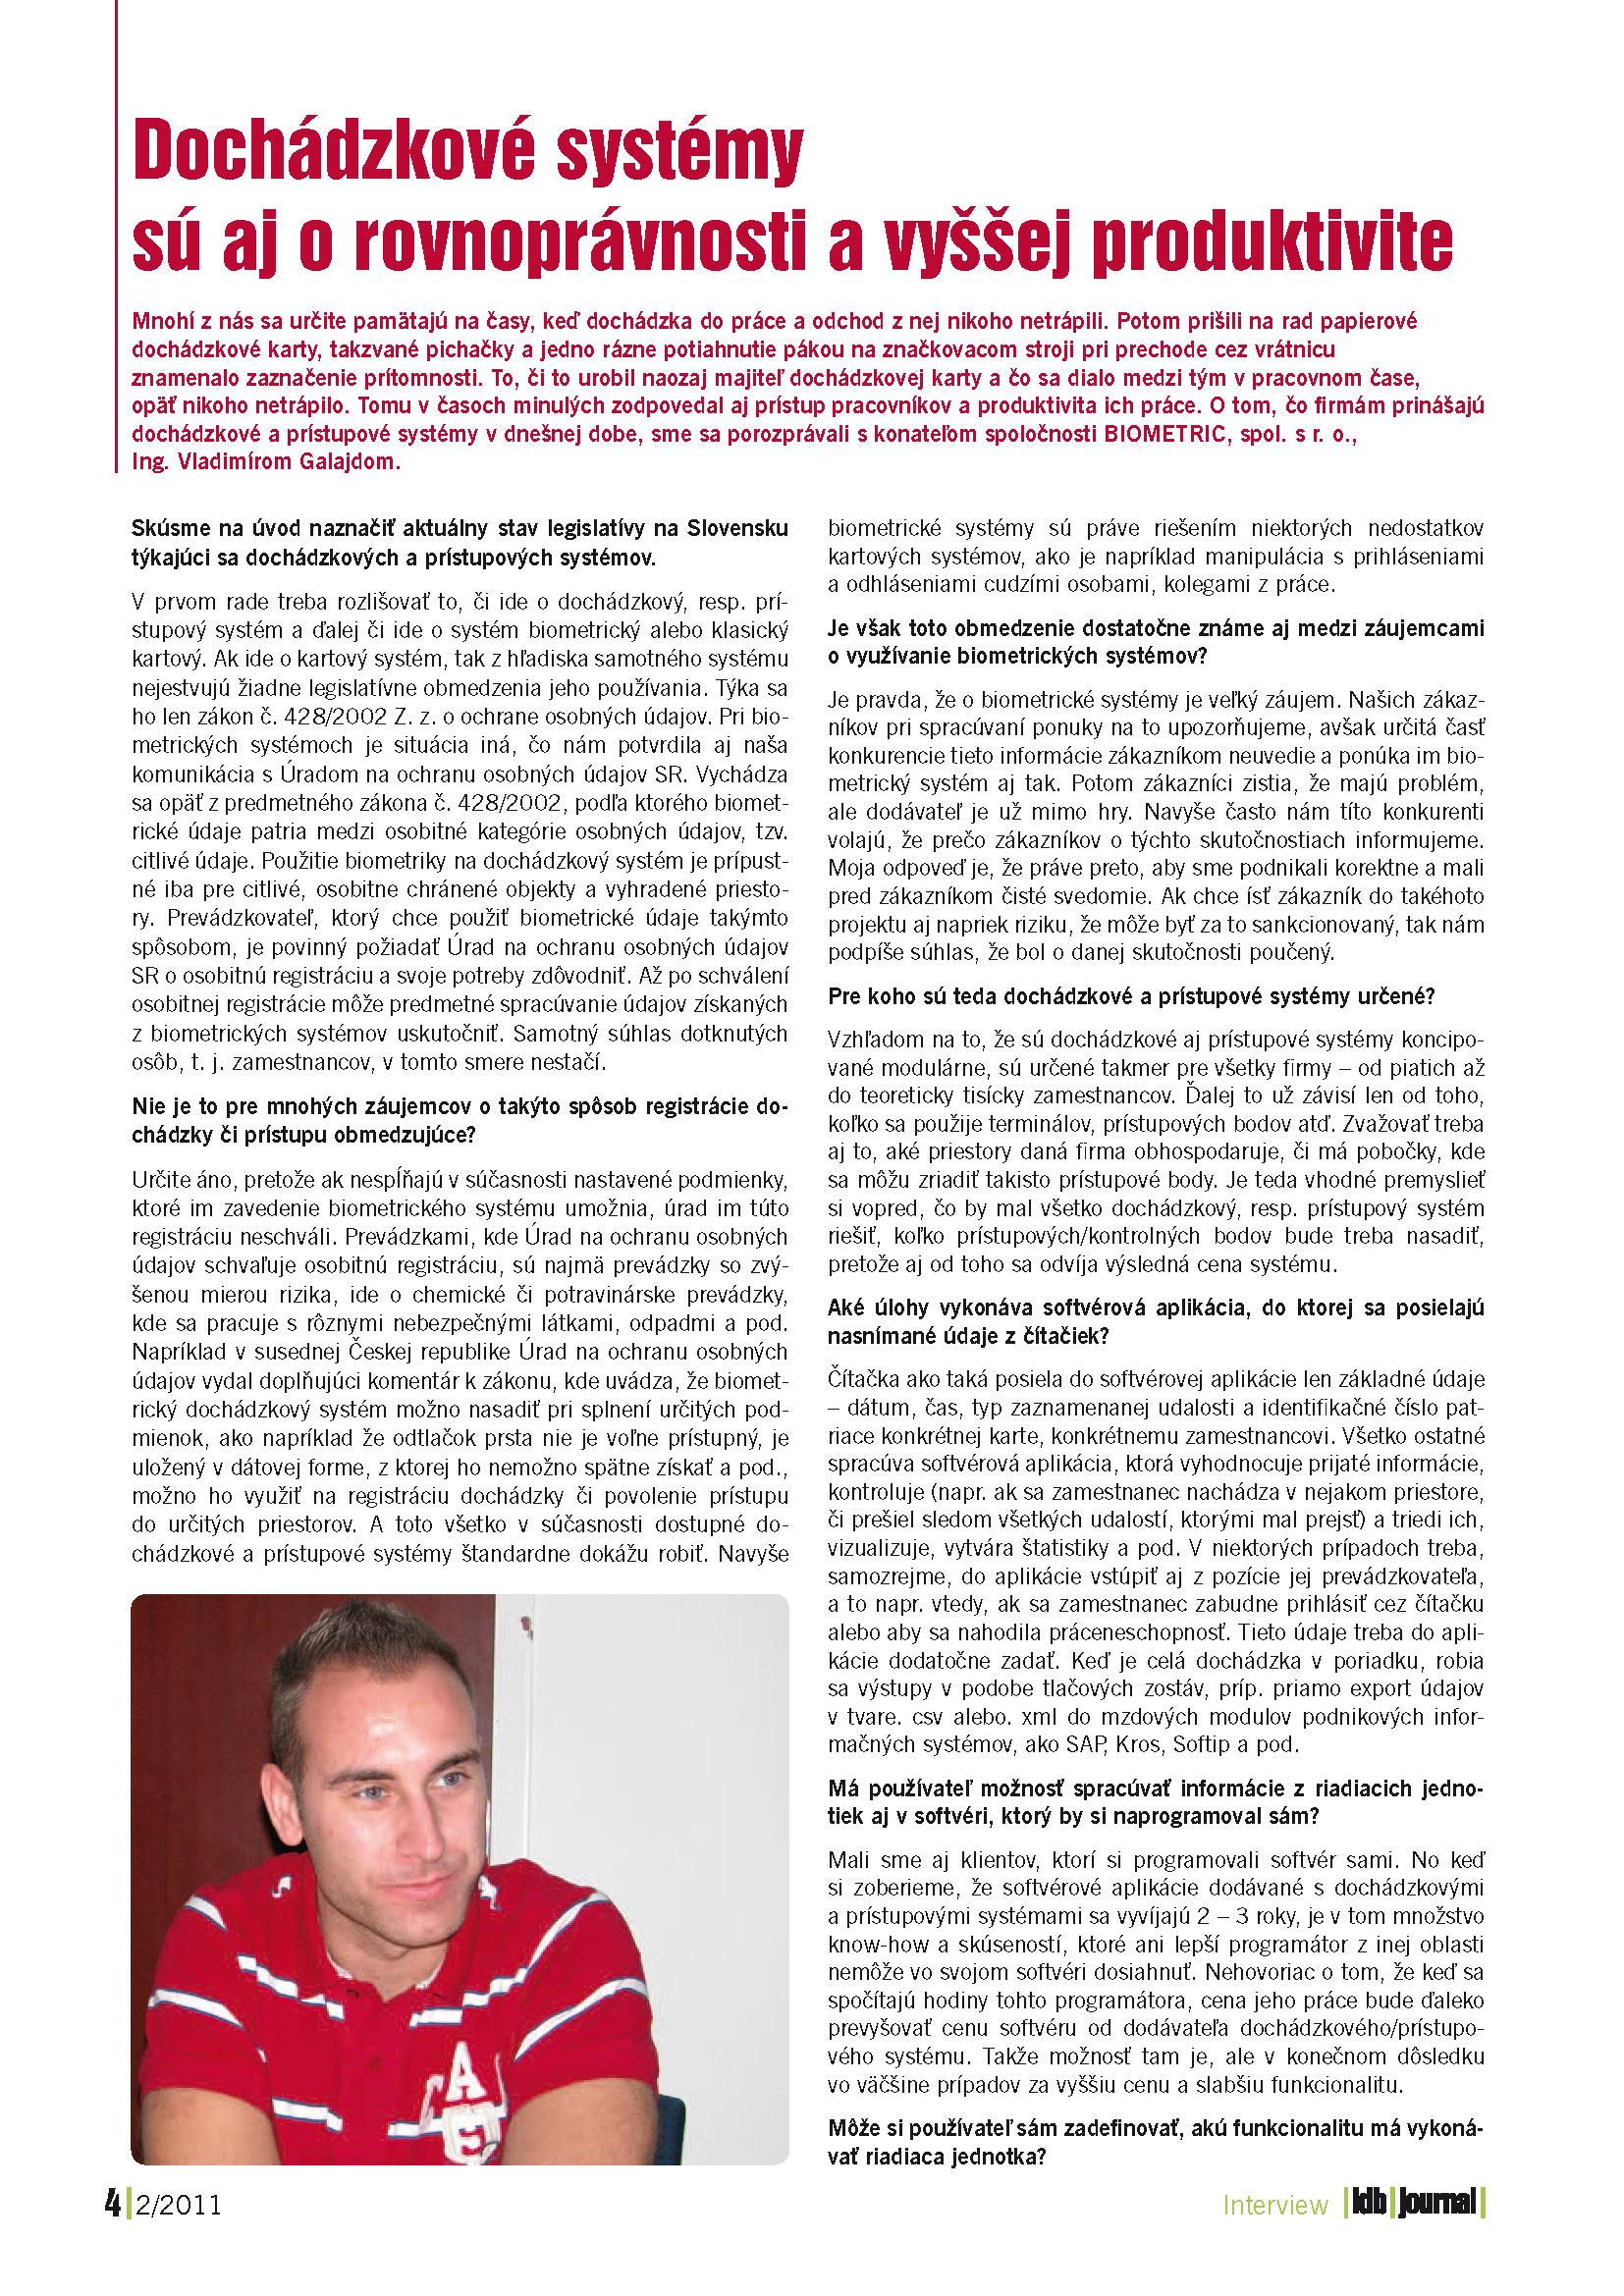 Idb Journal, číslo 2/2011